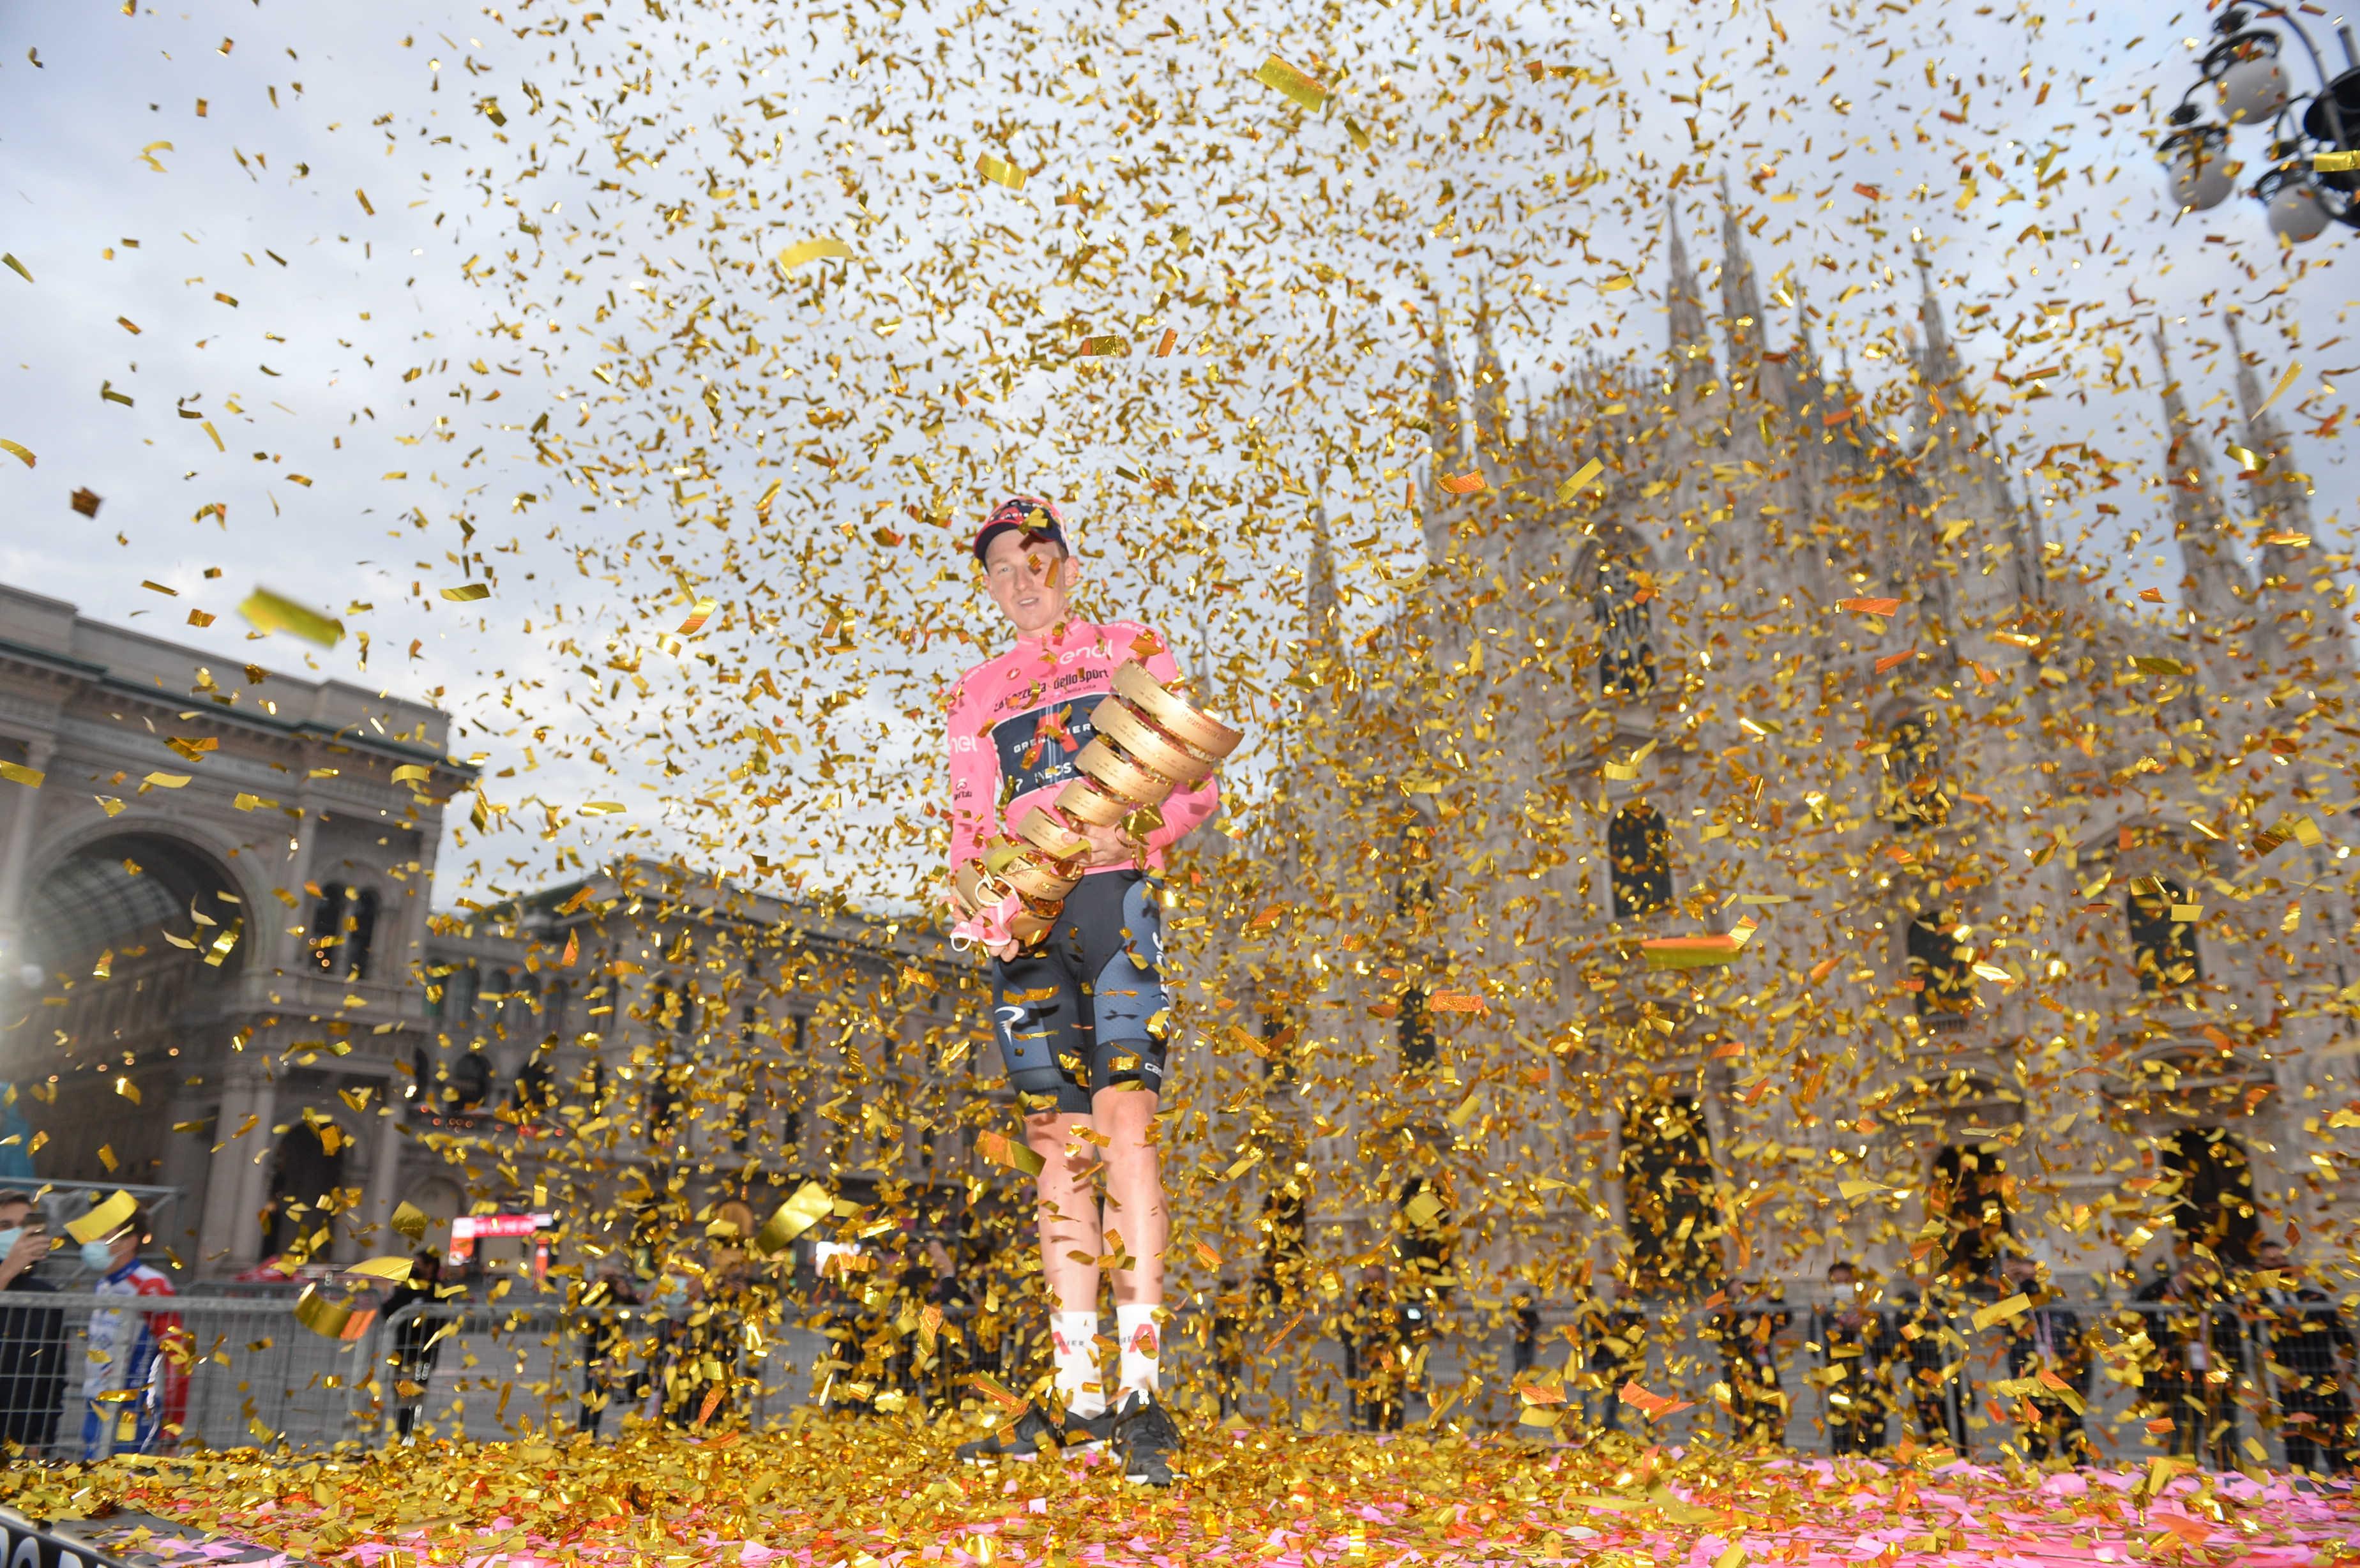 Tao Geoghegan Hart v Milanu potrdil zmago na Giru! (FOTO)